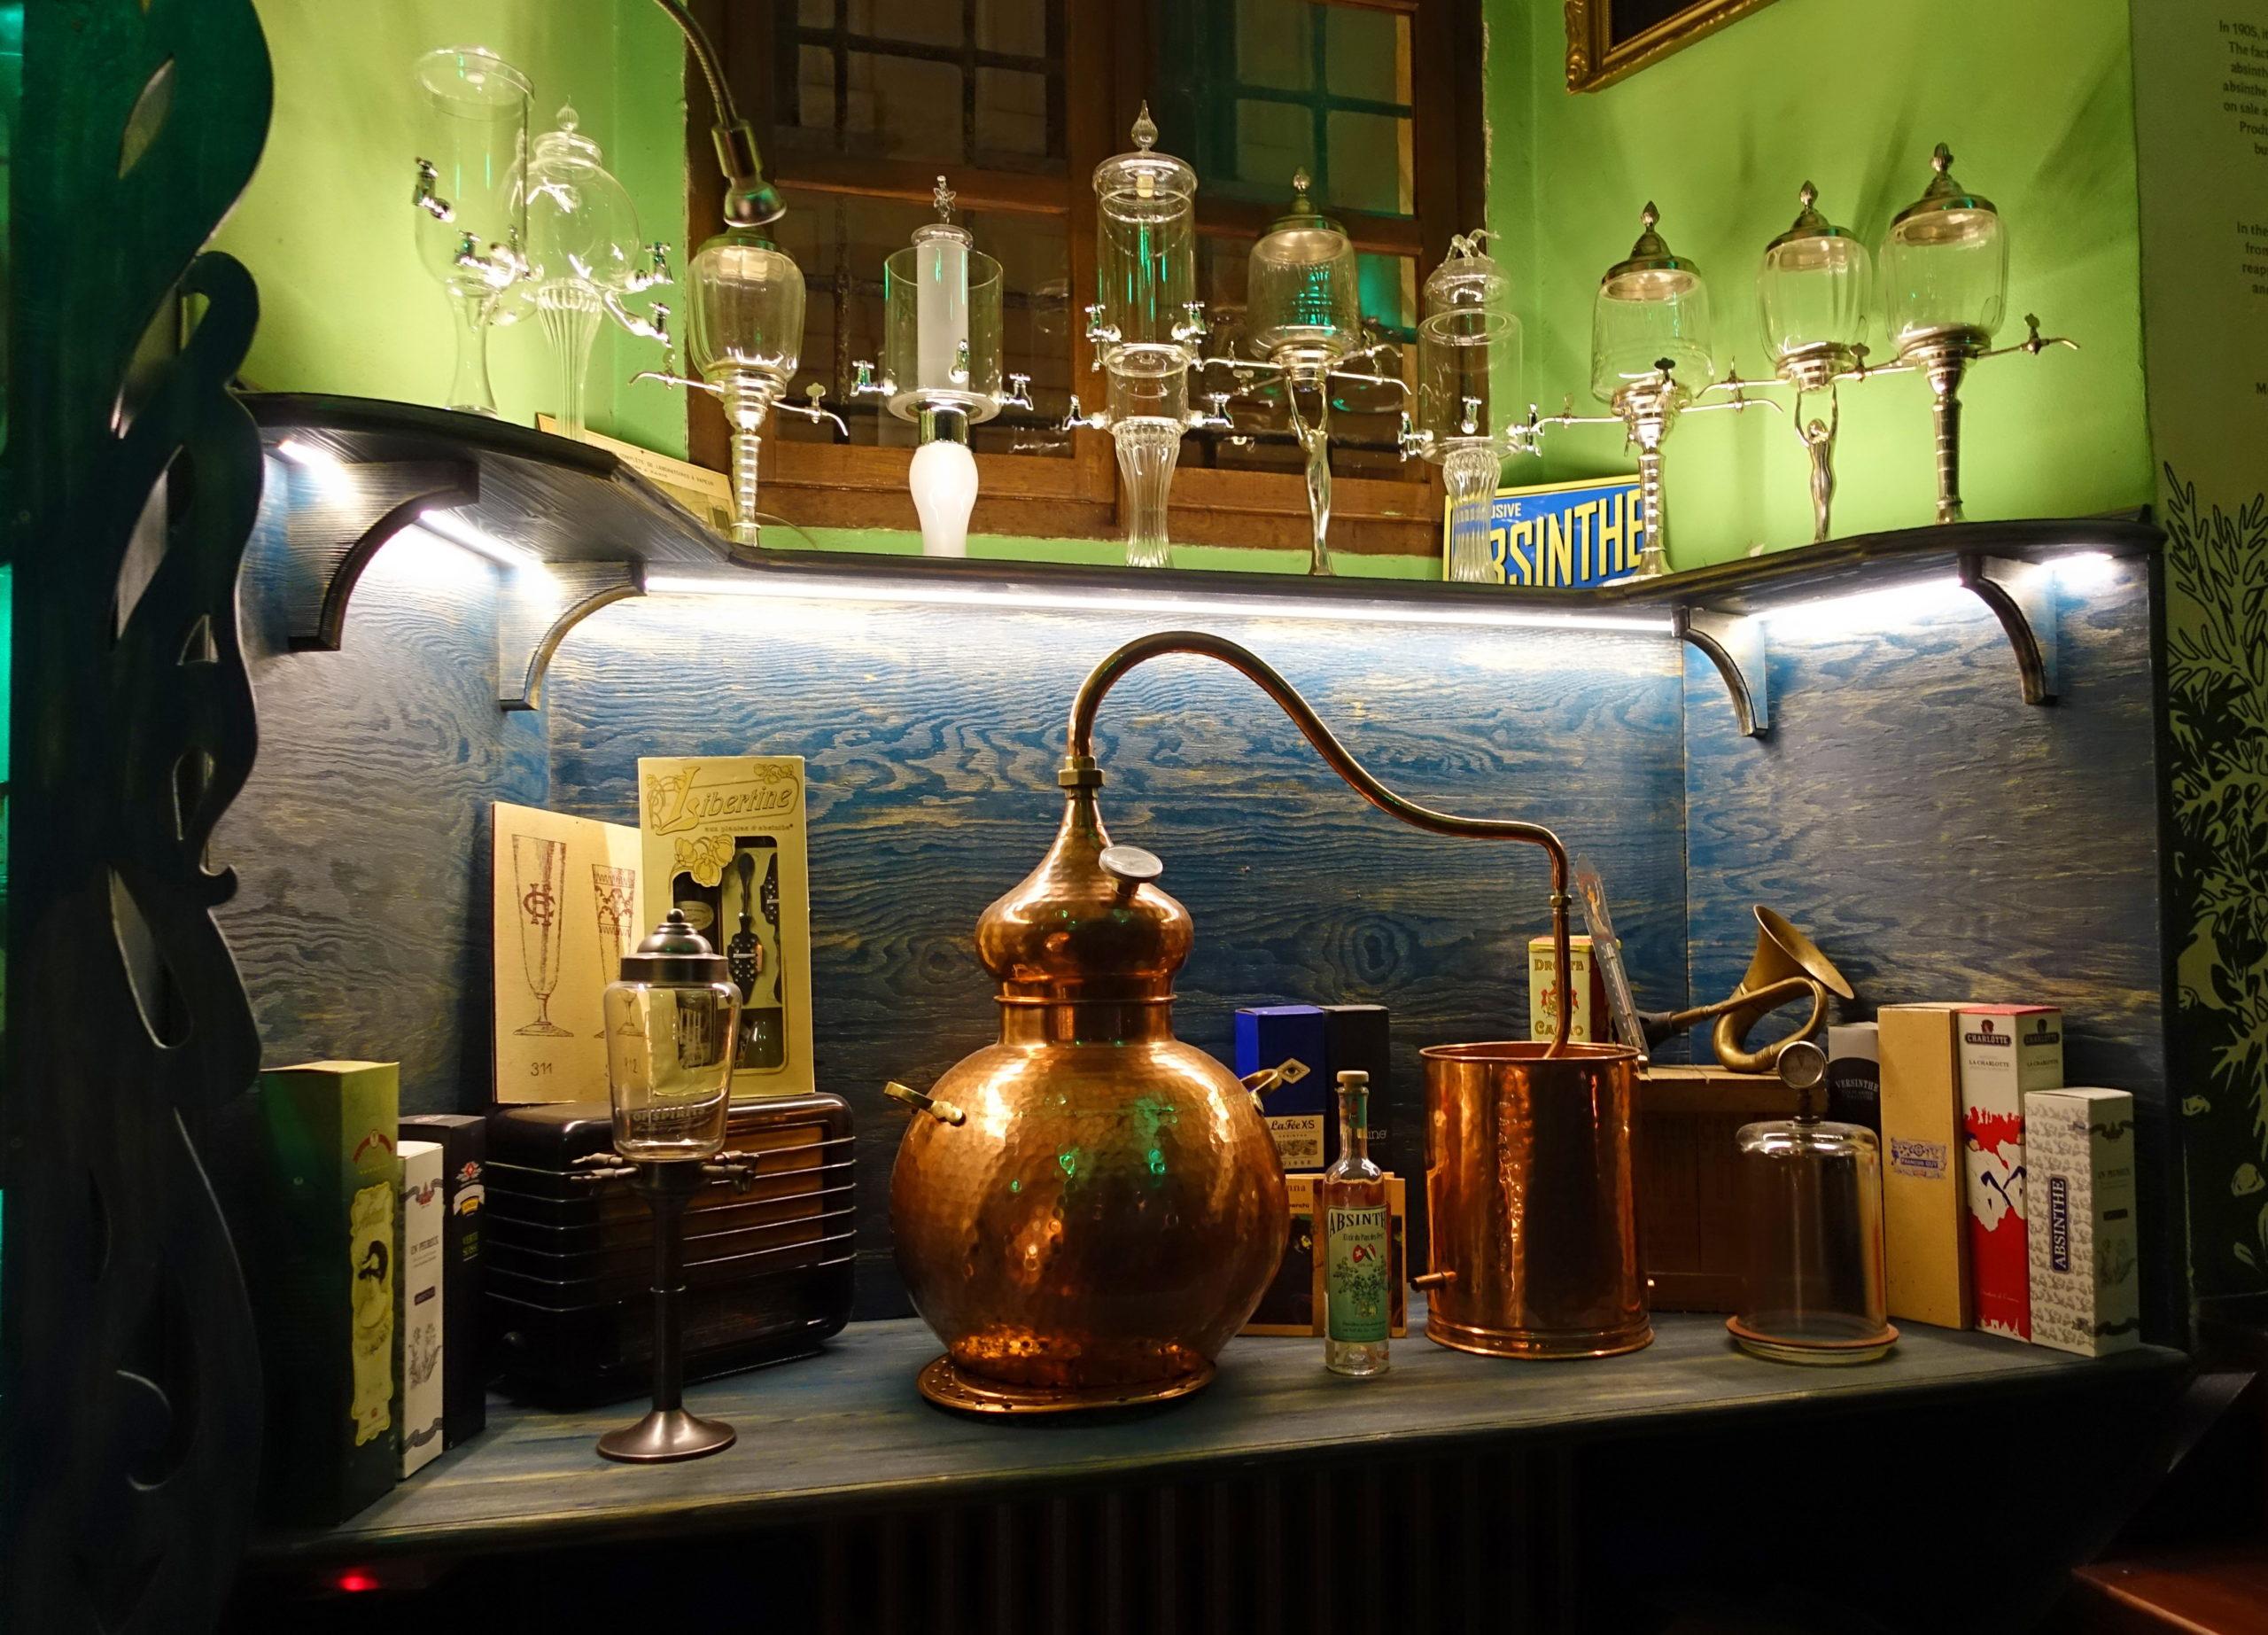 An absinthe still made of copper.